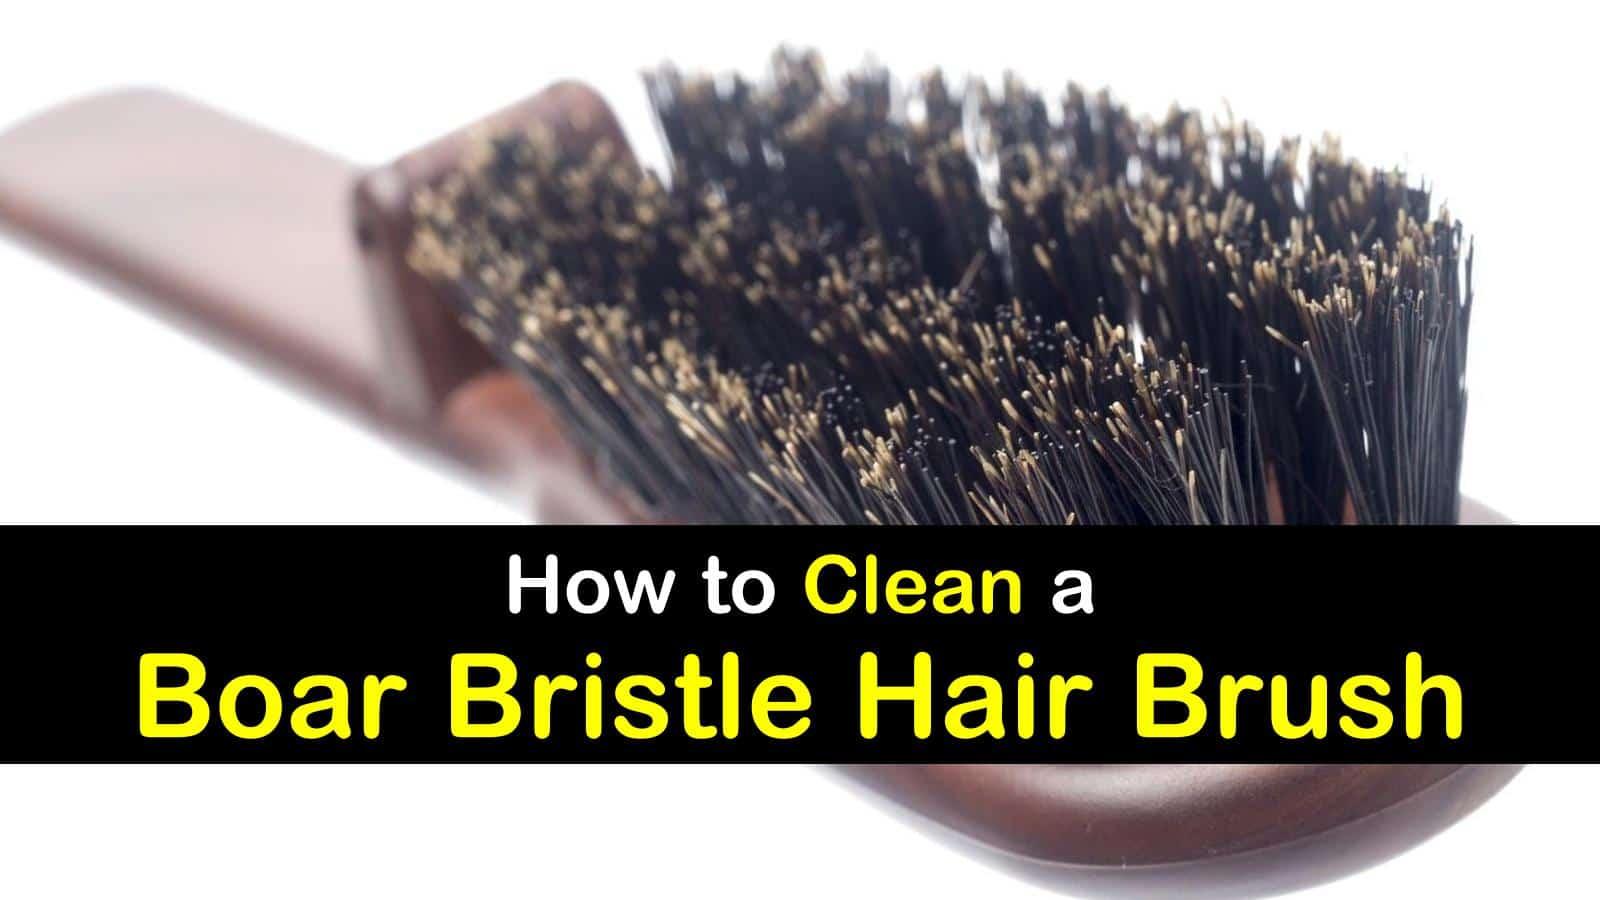 how to clean a boar bristle hair brush titleimg1